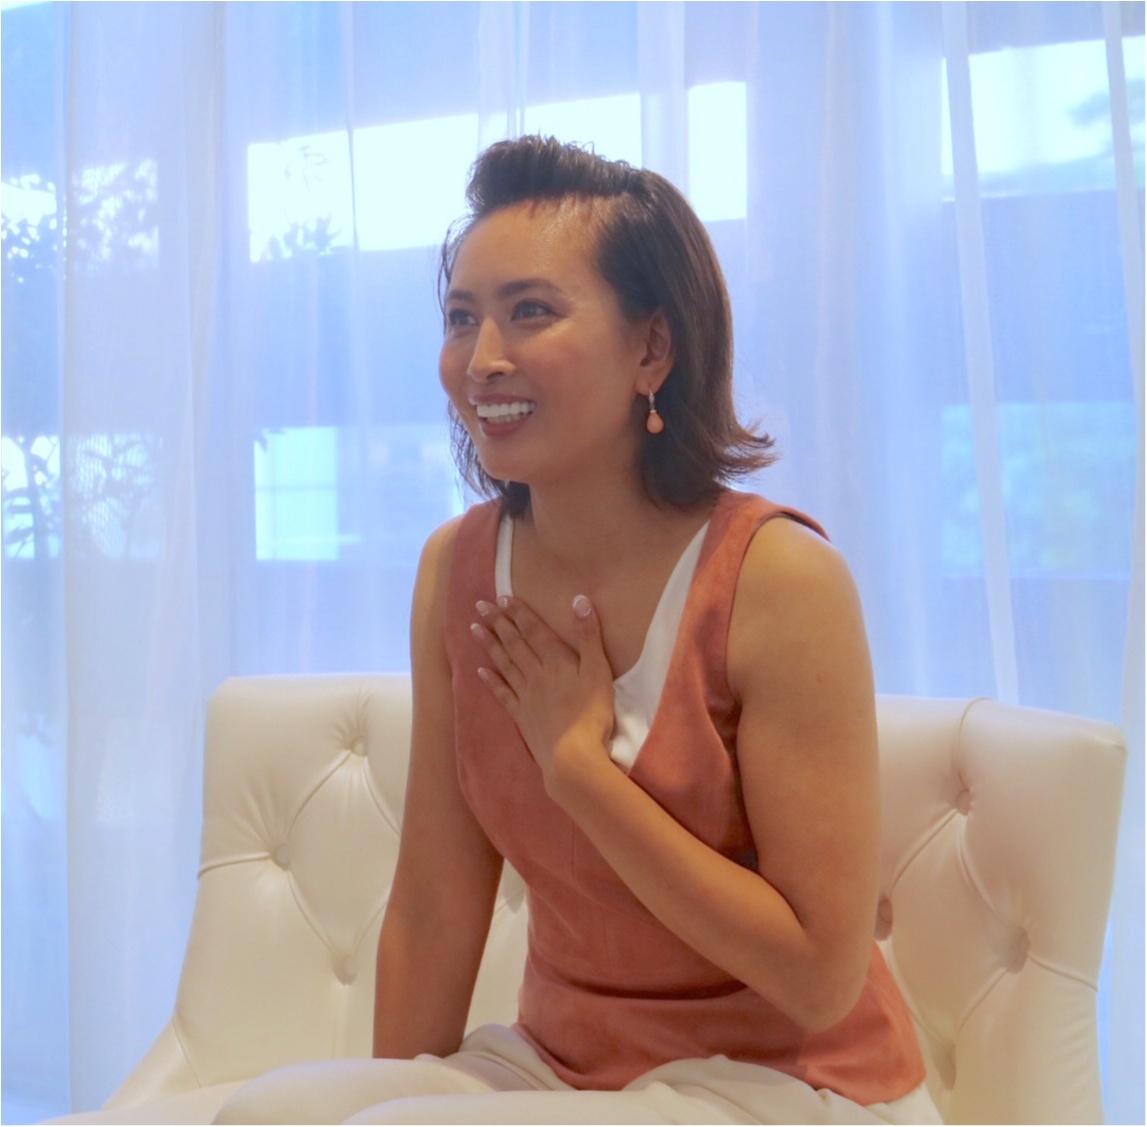 【10/1は香水の日】『ブルーベル・ジャパン』の発表会に潜入! フレグランス アンバサダーの加藤夏希さんに会えるチャンスも♡ _3